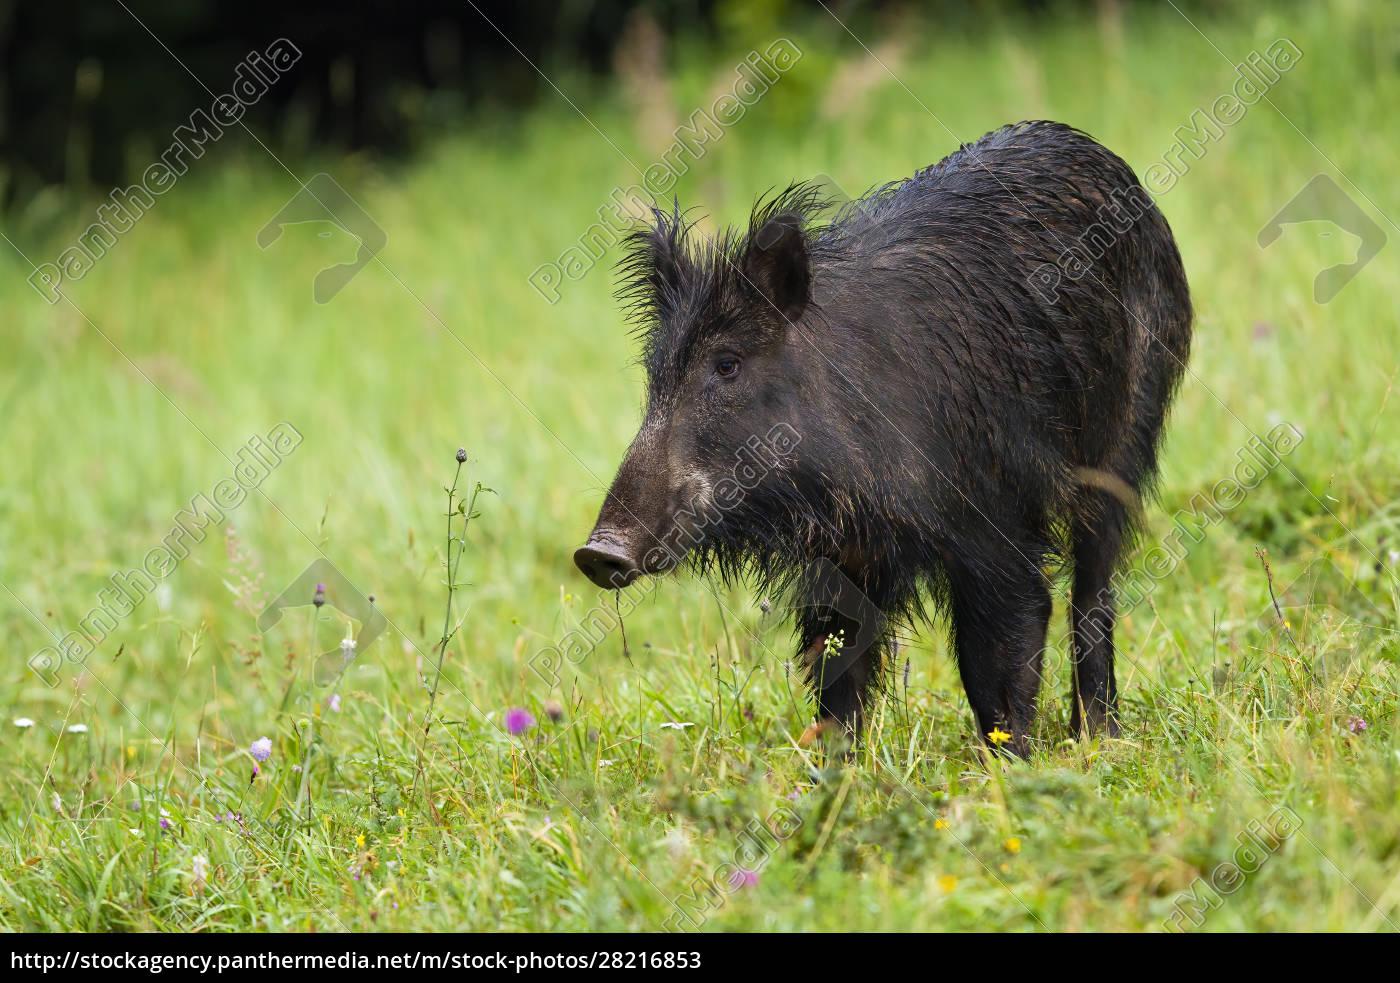 unaware, wild, boar, on, hay, field - 28216853